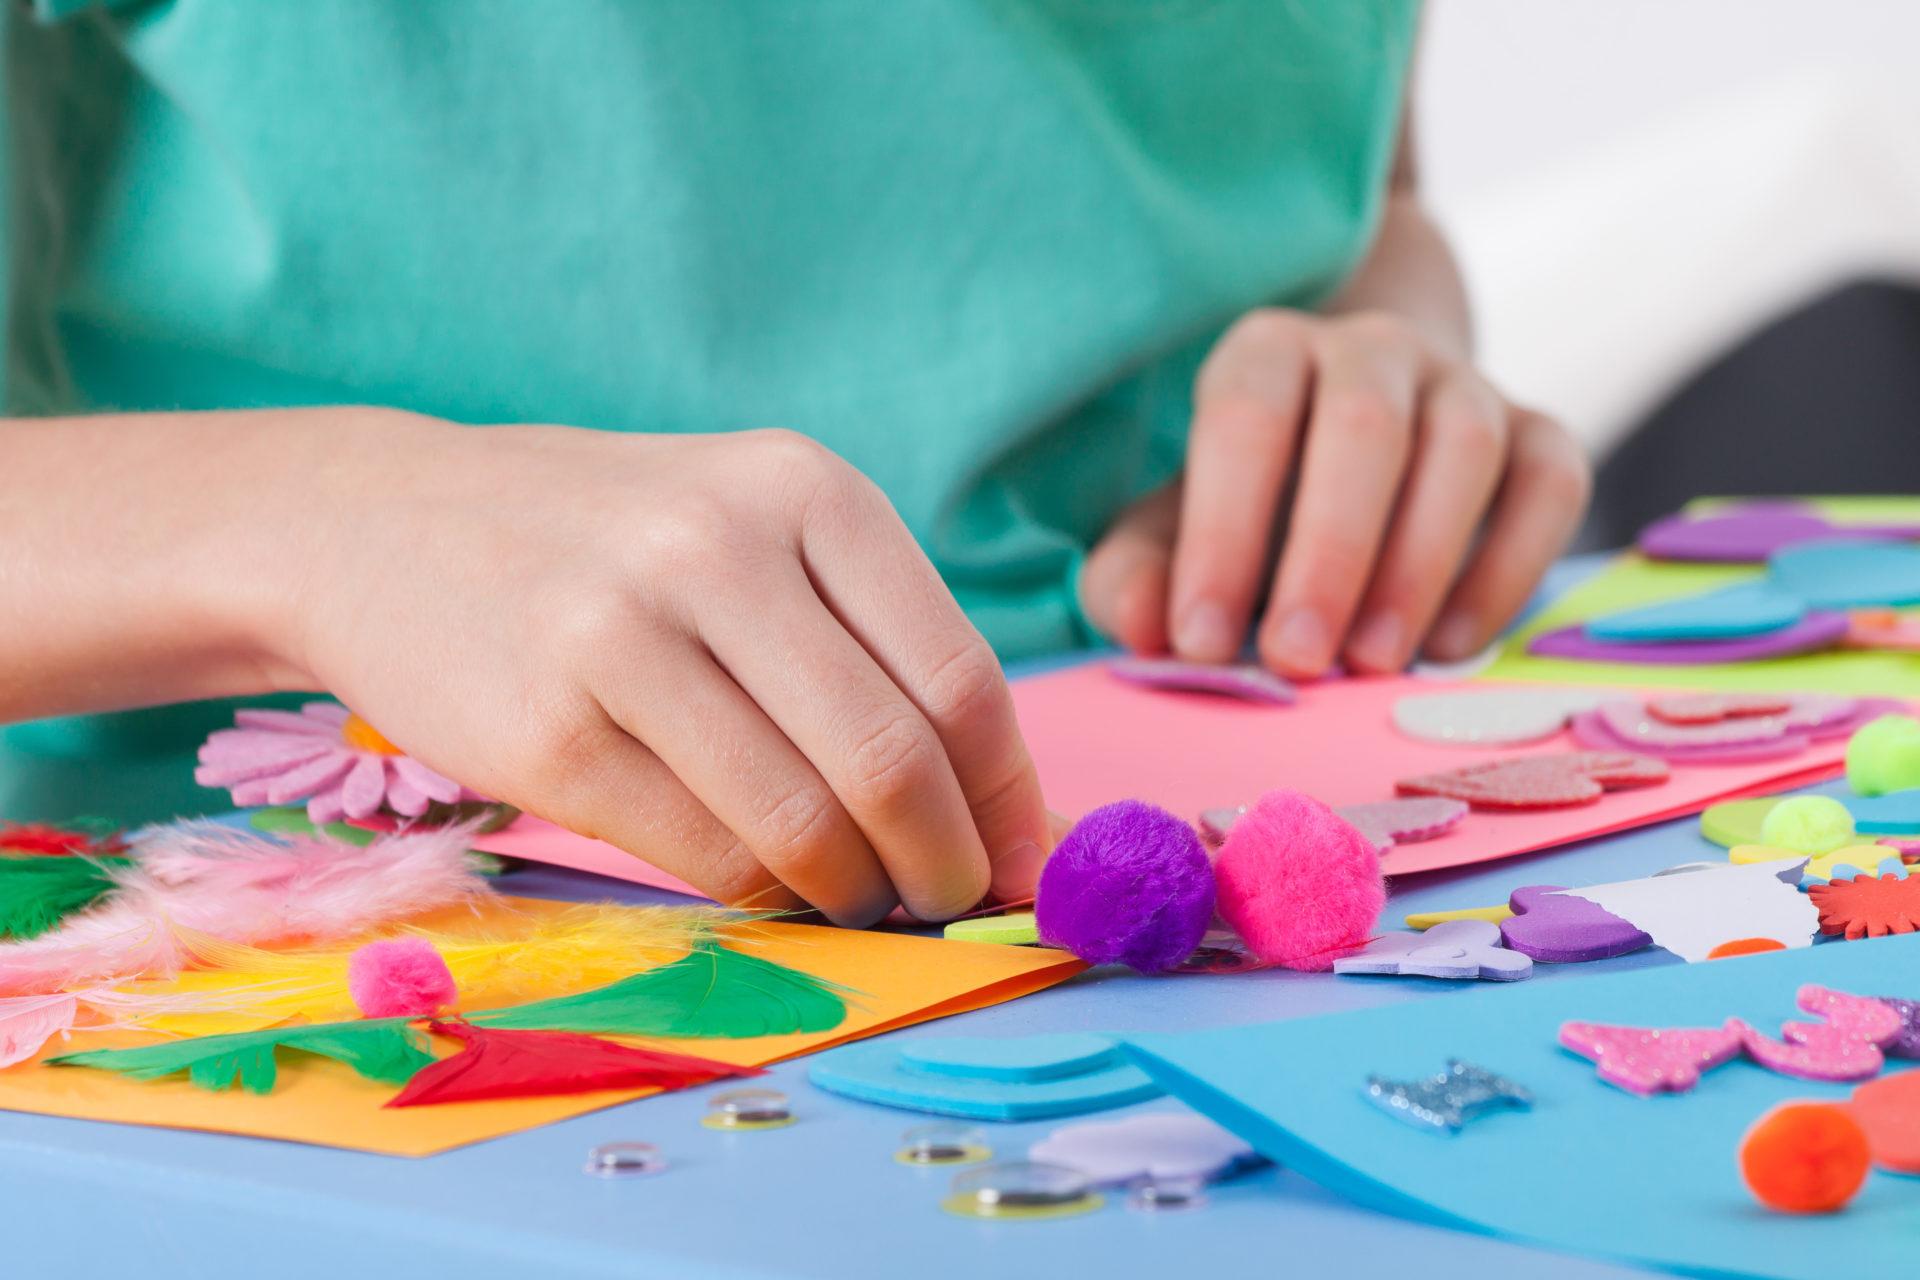 Loisirs Creatifs Pour Enfant, Materiel Bricolage Pour Enfant encequiconcerne Activité Manuelle Enfant 3 Ans